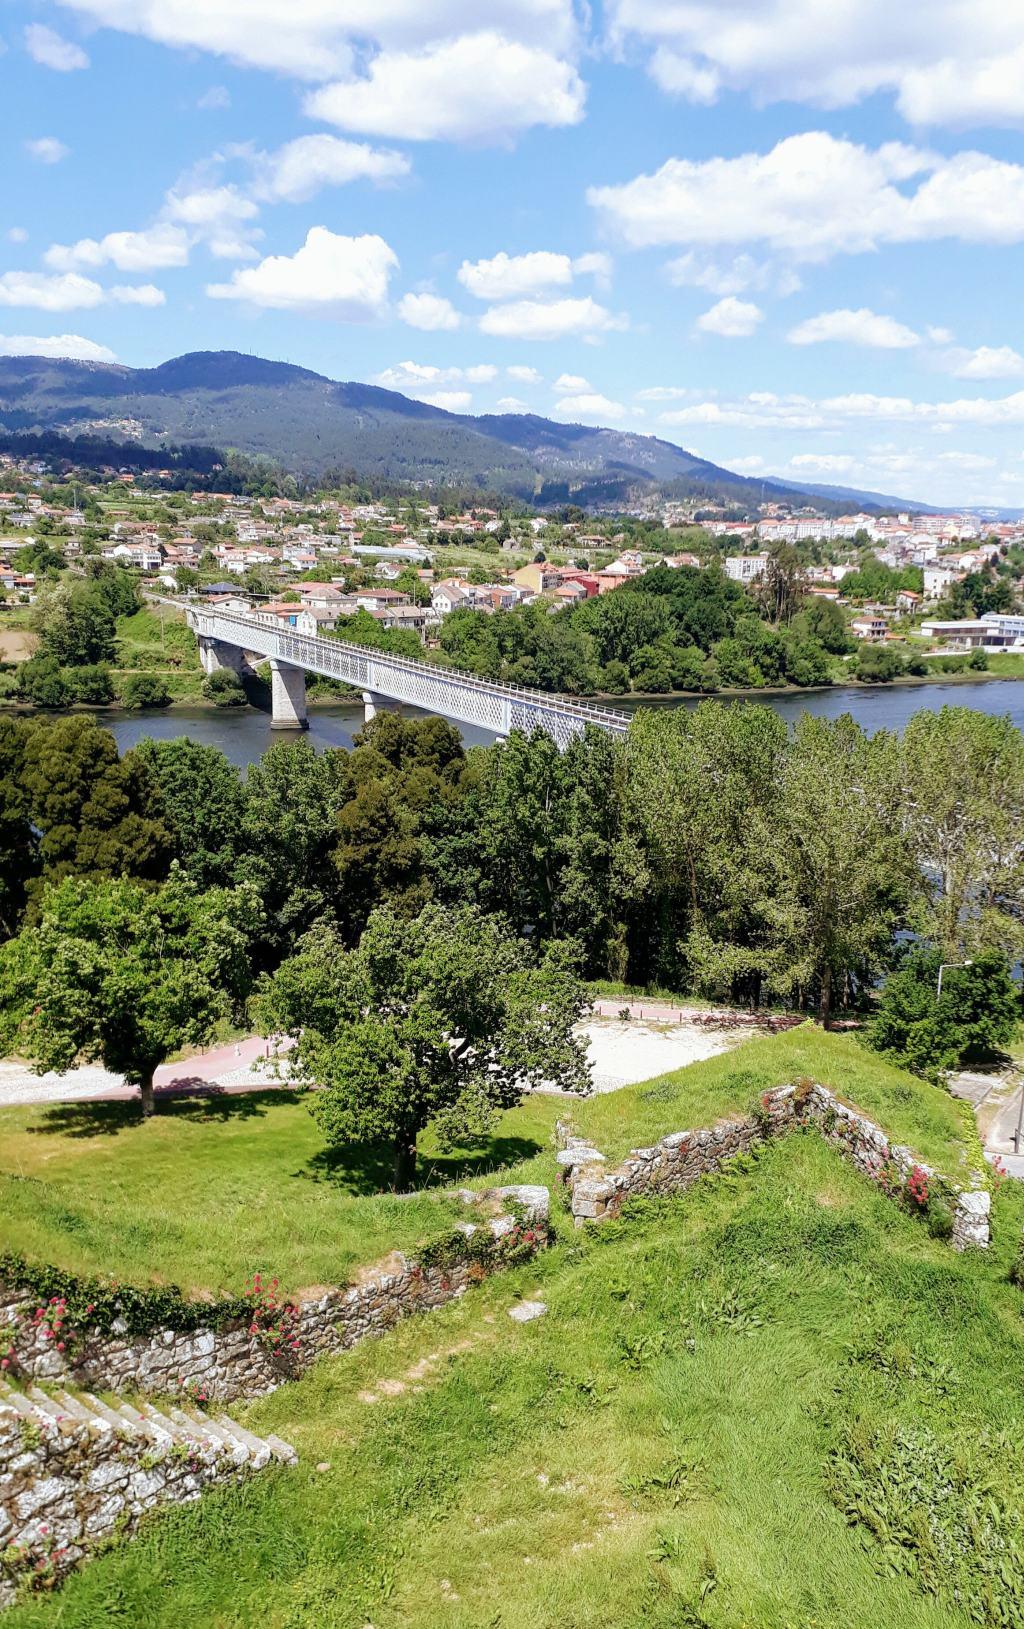 Vista del Puente Internacional desde Valença